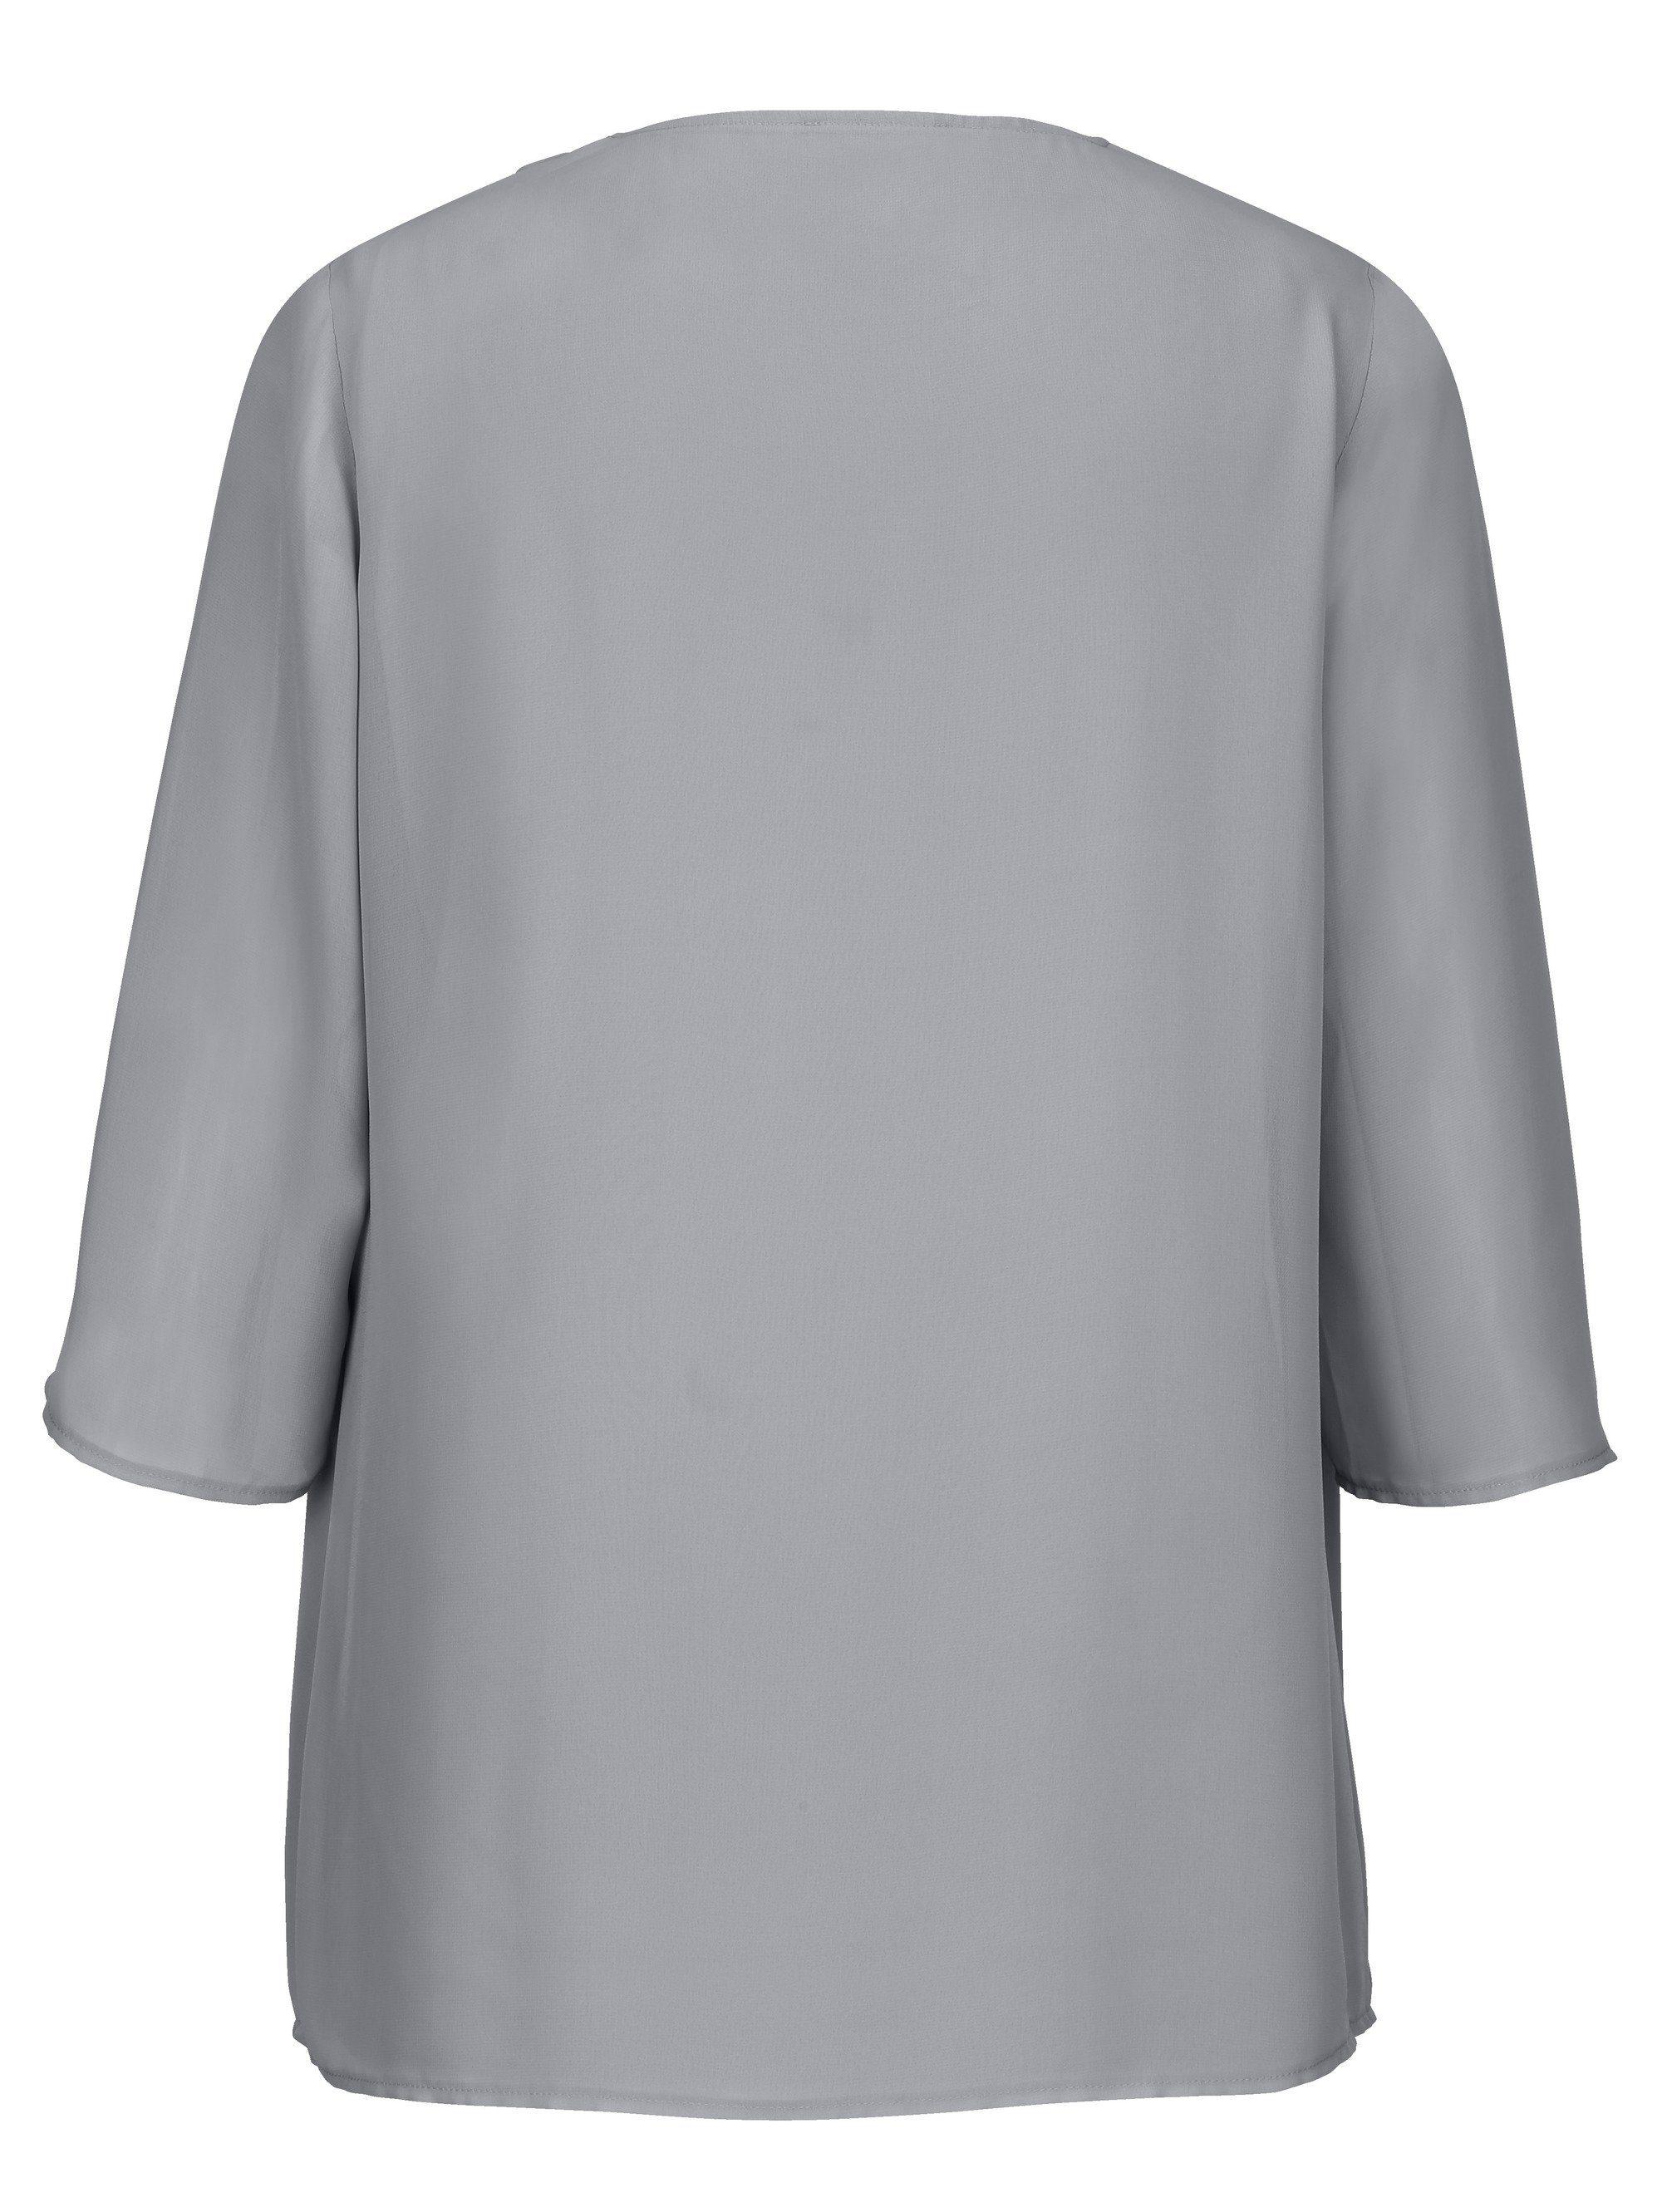 m collection 2-in-1 Shirt in praktischer Doppeloptik | Bekleidung > Shirts > 2-in-1 Shirts | Grau | M. Collection